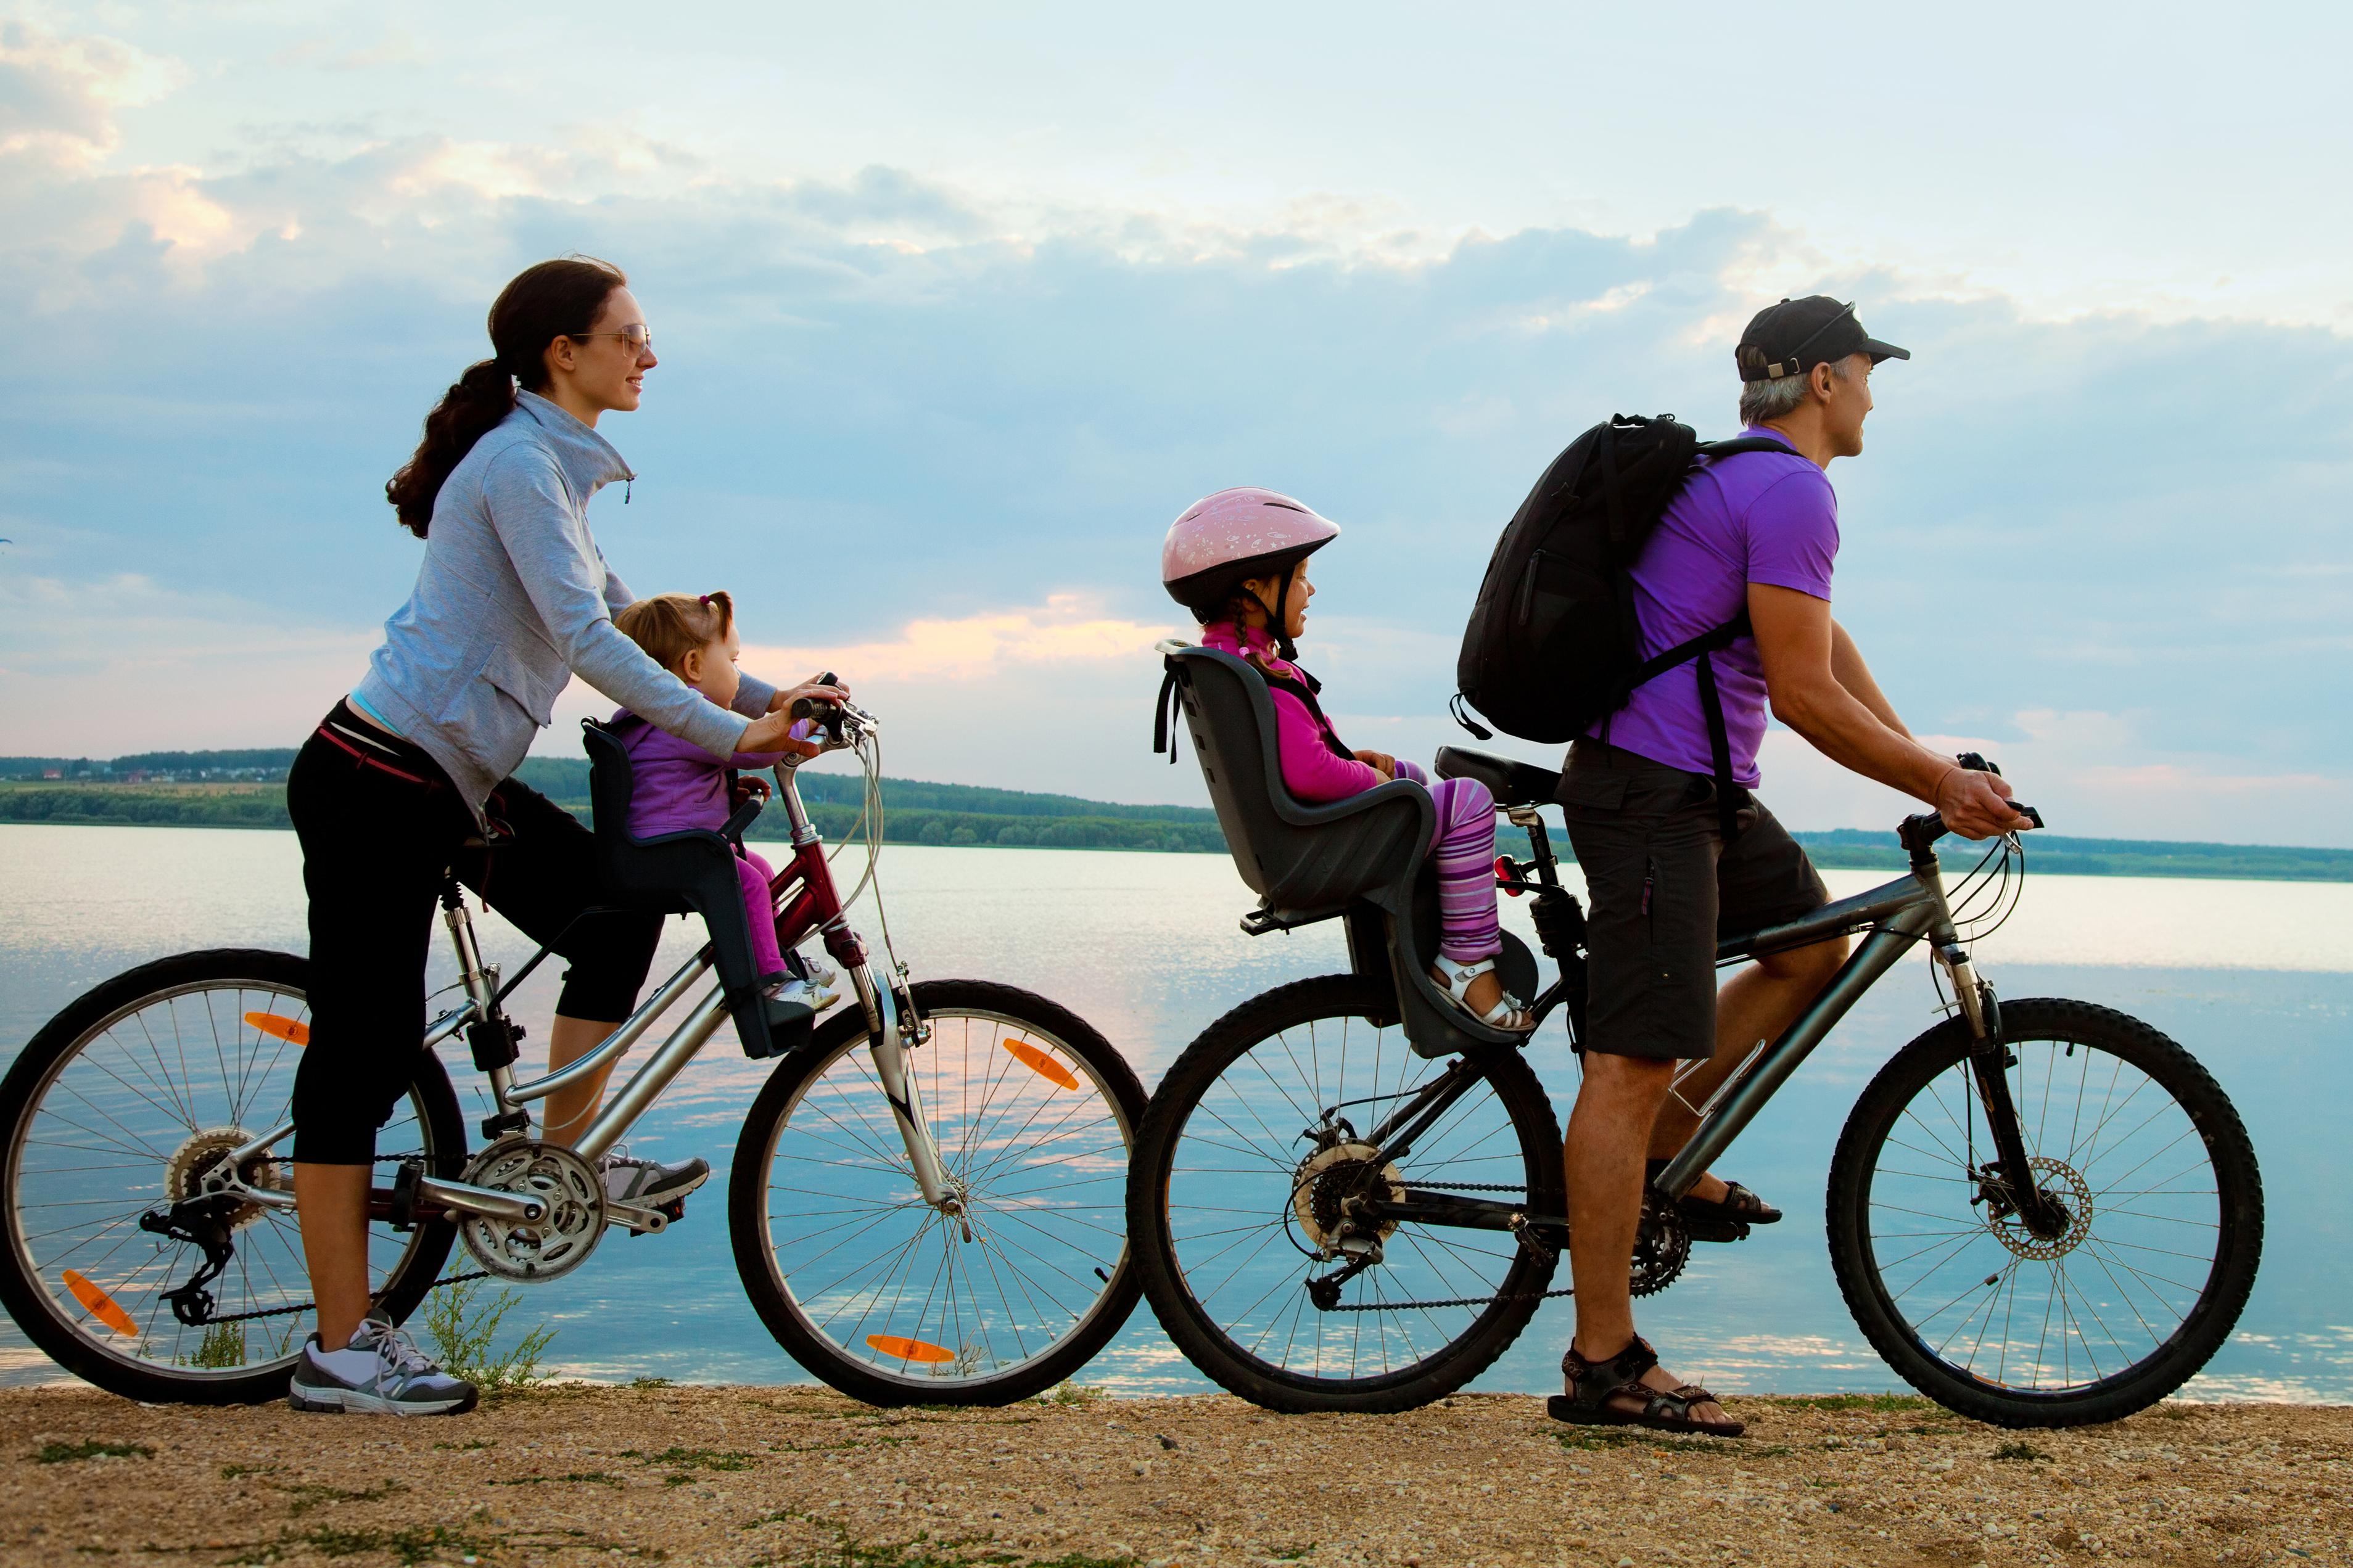 bicicleta de montaña con silla para niño foto